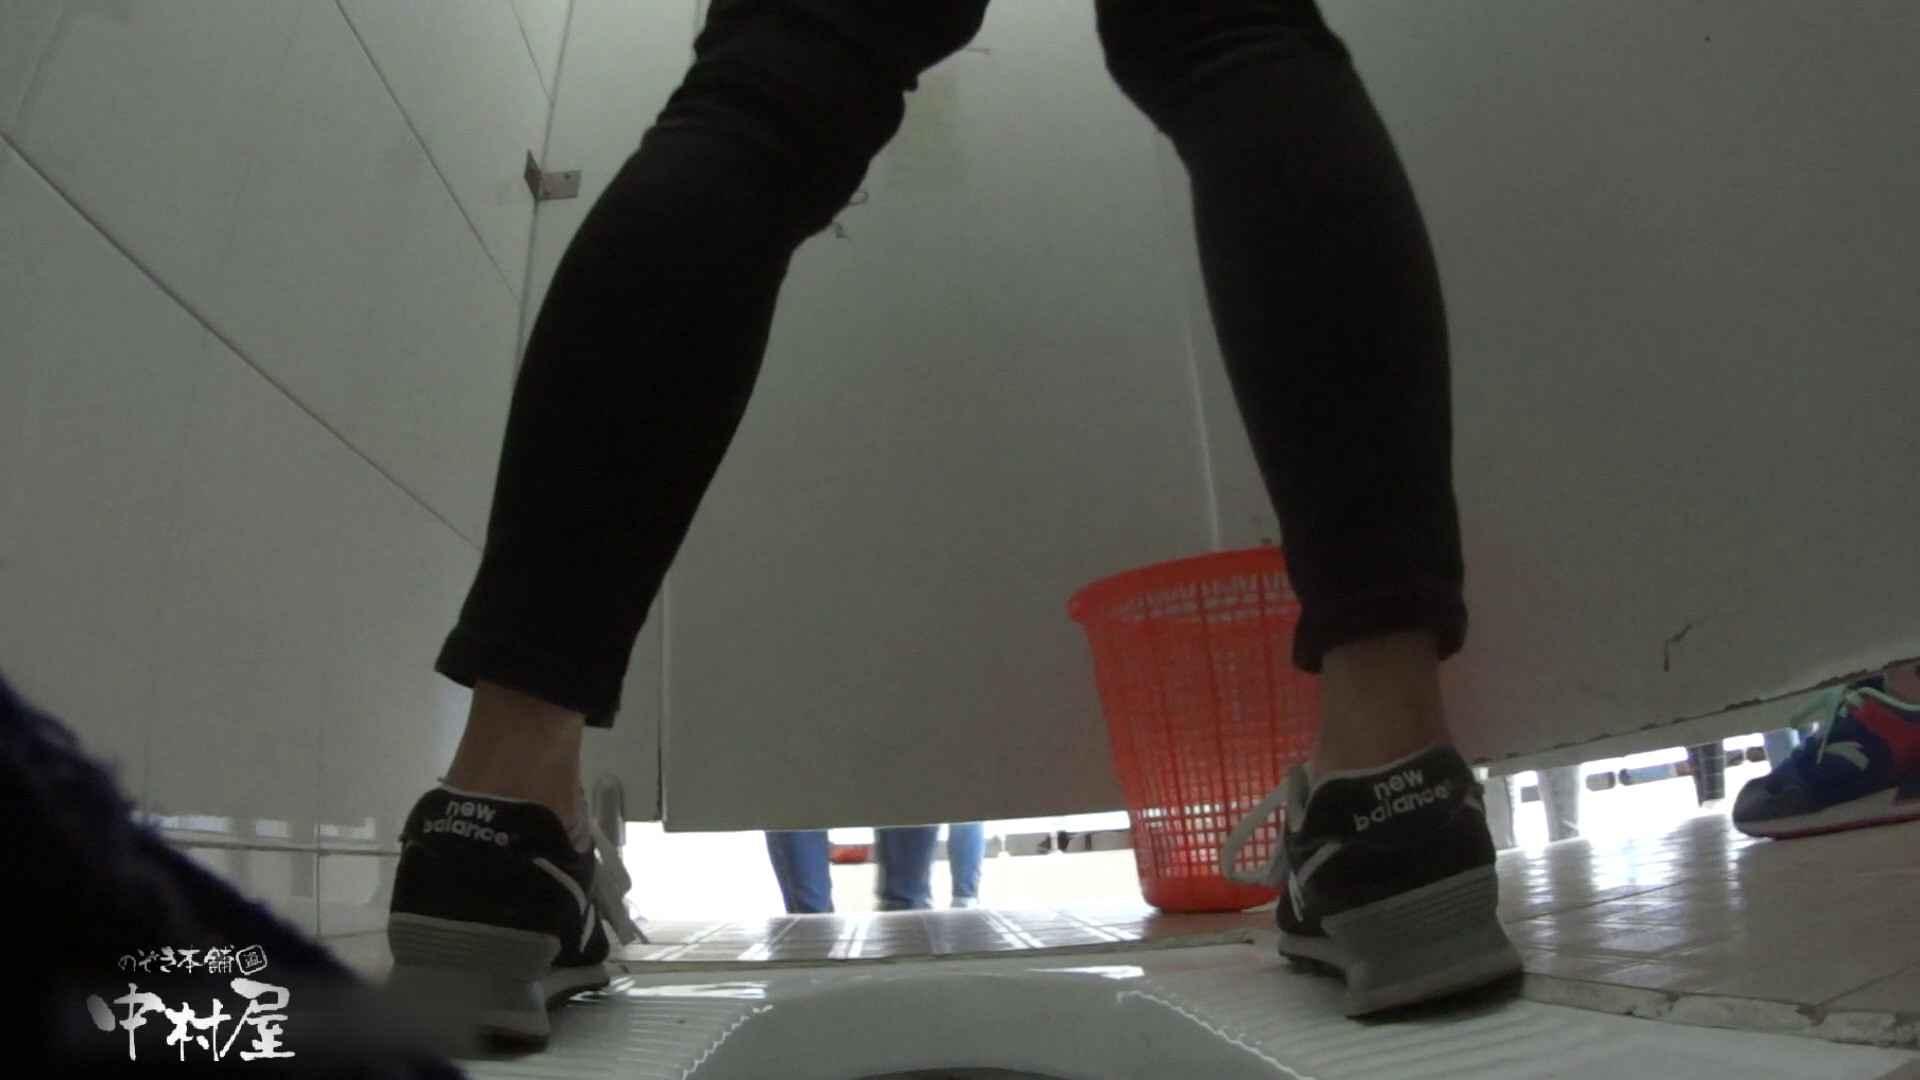 色気のある眼鏡さんの放nyo大学休憩時間の洗面所事情28 洗面所 | Hなお姉さん  78pic 38